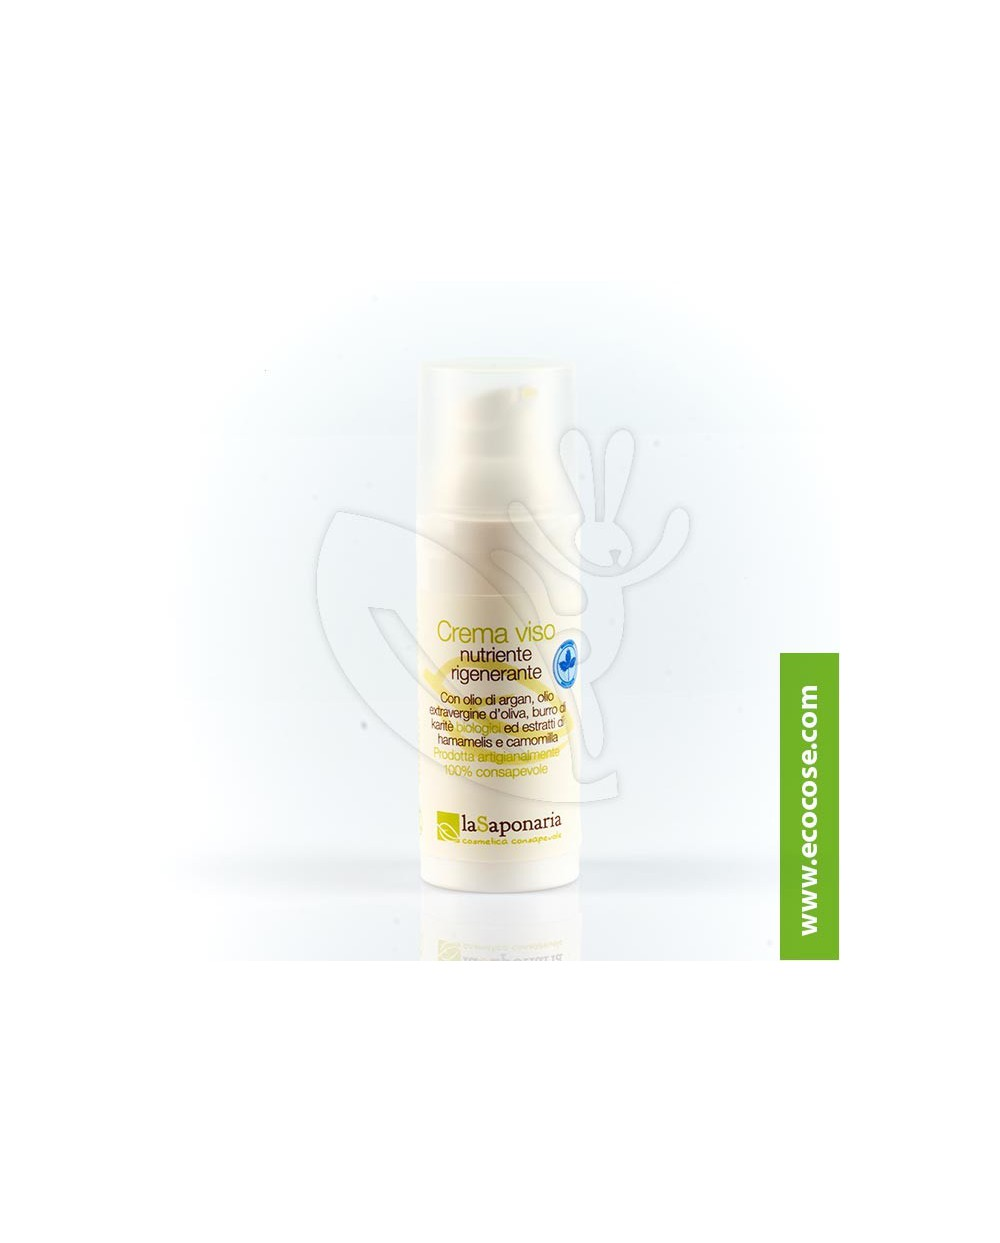 La Saponaria - Crema viso nutriente rigenerante Argan e Karité